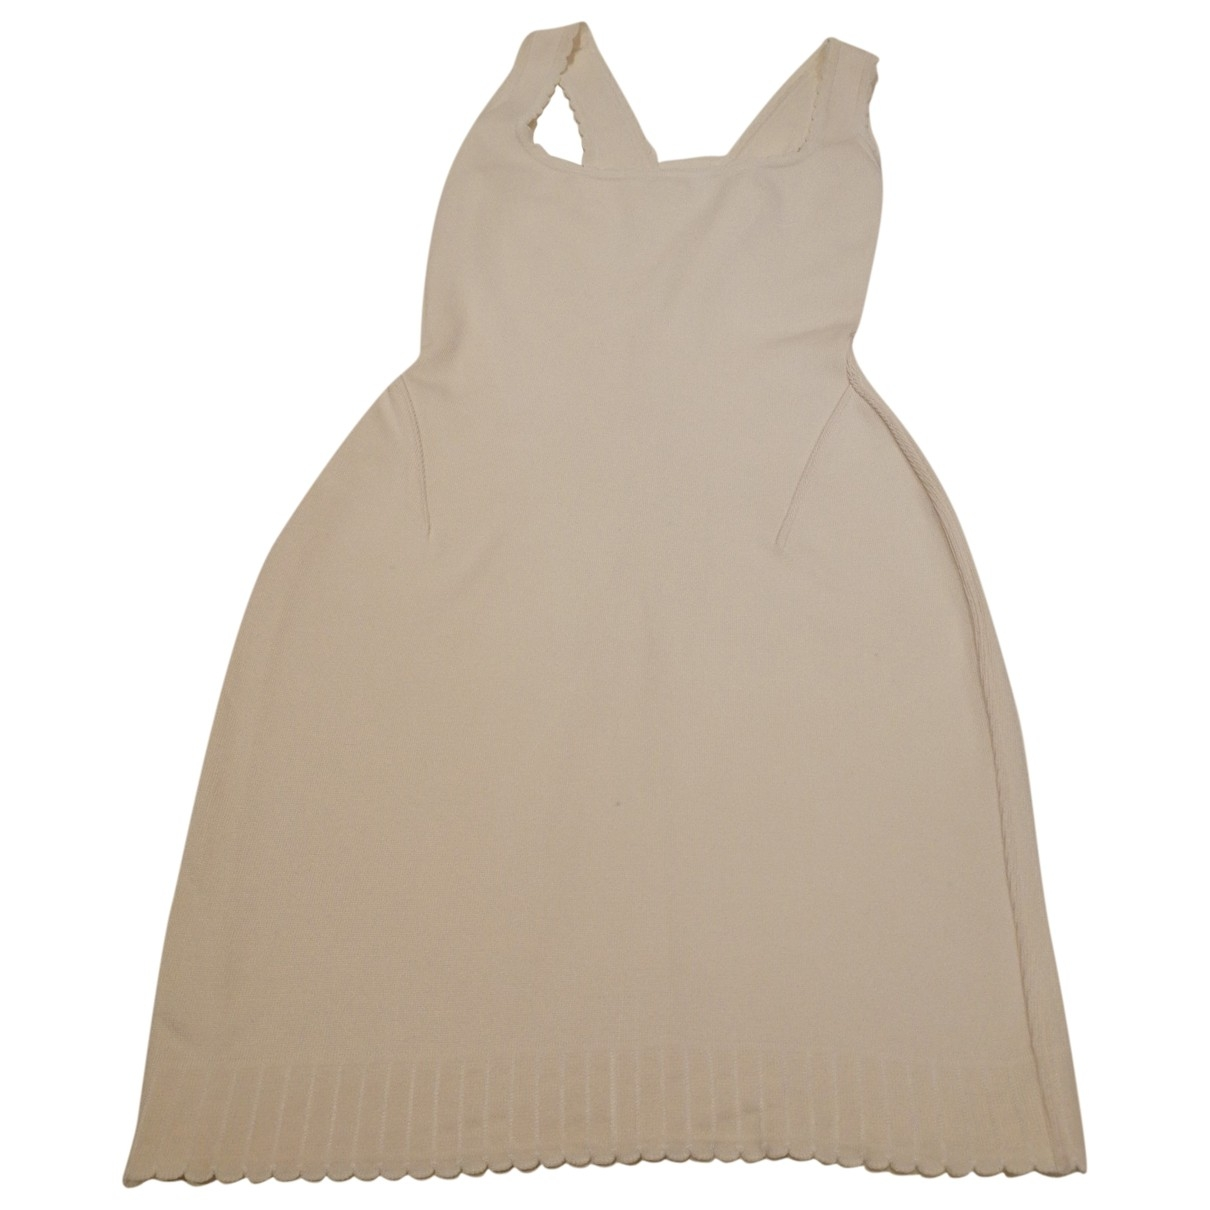 Alaïa \N White Cotton - elasthane dress for Women S International